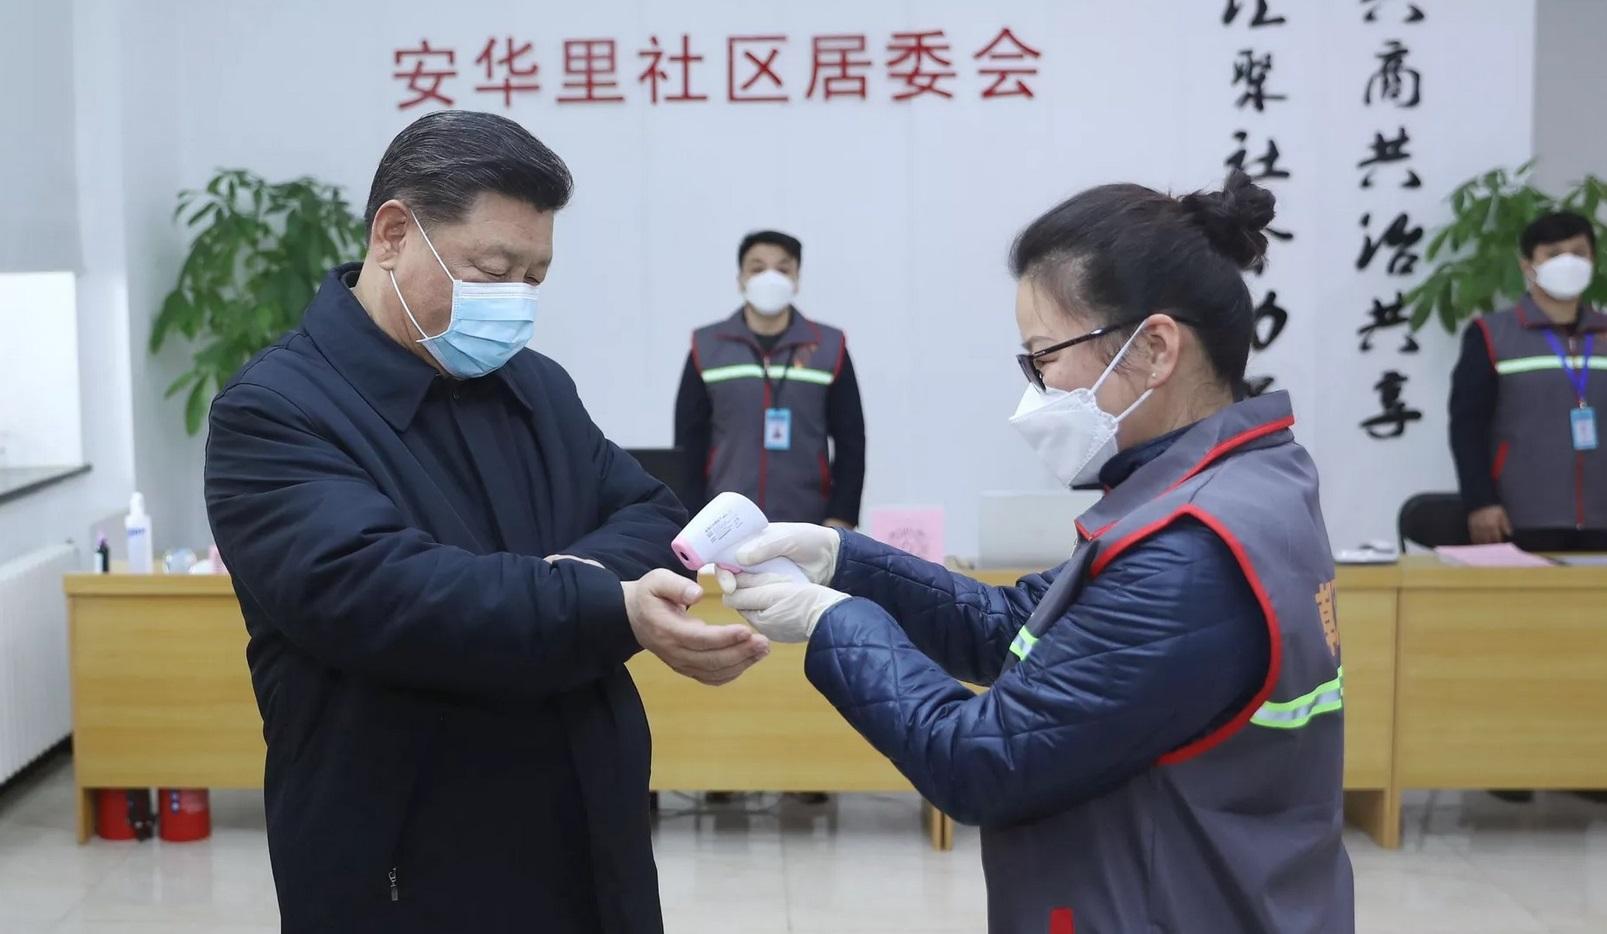 Coronavirus. Știa Xi Jinping? Dezvăluiri uluitoare din interiorul Politburo